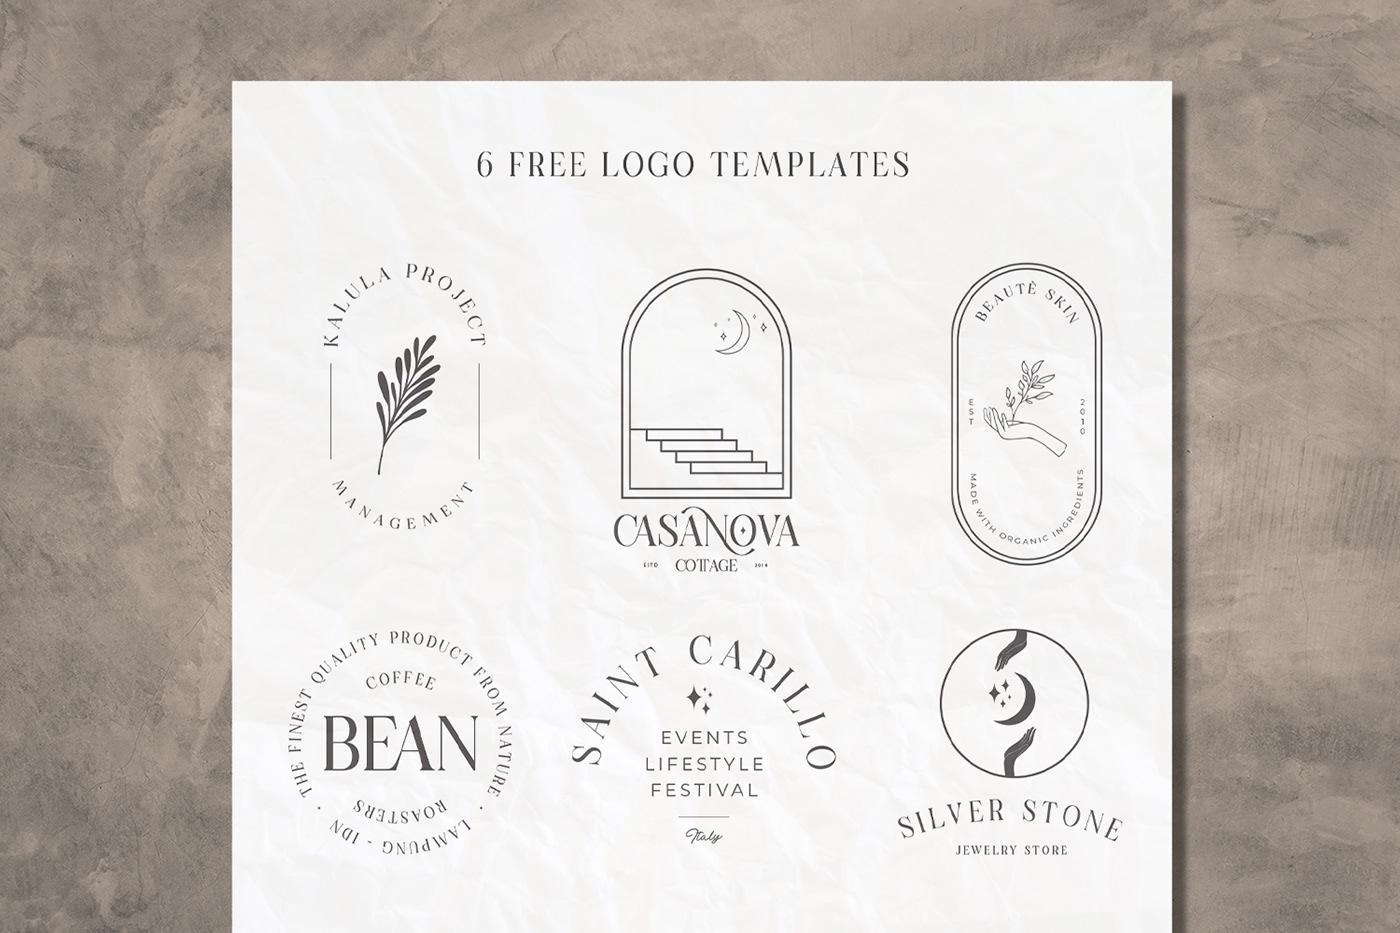 现代时尚连字海报标题徽标Logo设计衬线英文字体素材 Casanova Serif Display Font插图5